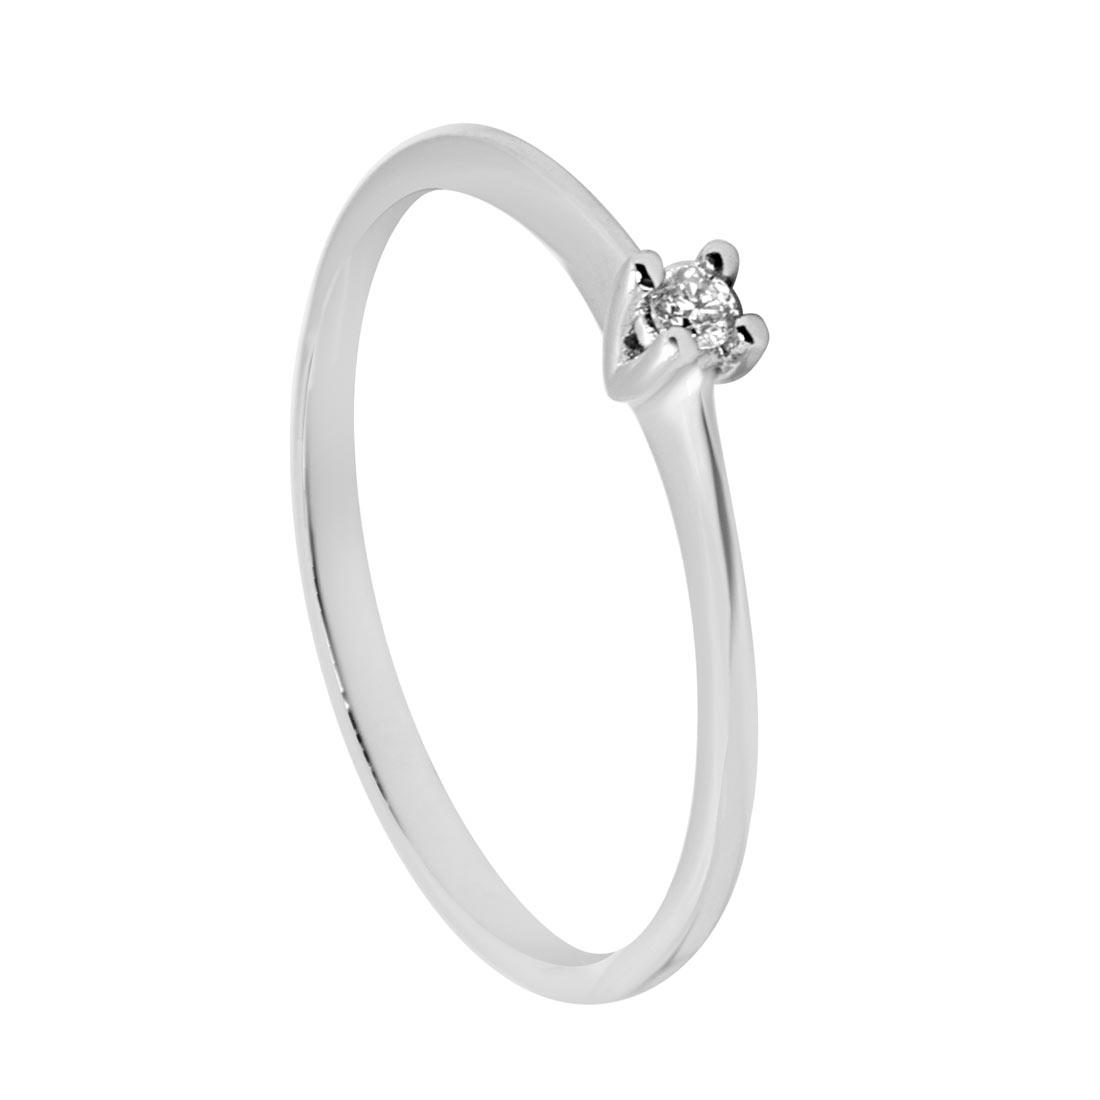 vendita calda online 41869 77d4c Anello solitario in oro bianco con diamante 0,03 ct mis 13